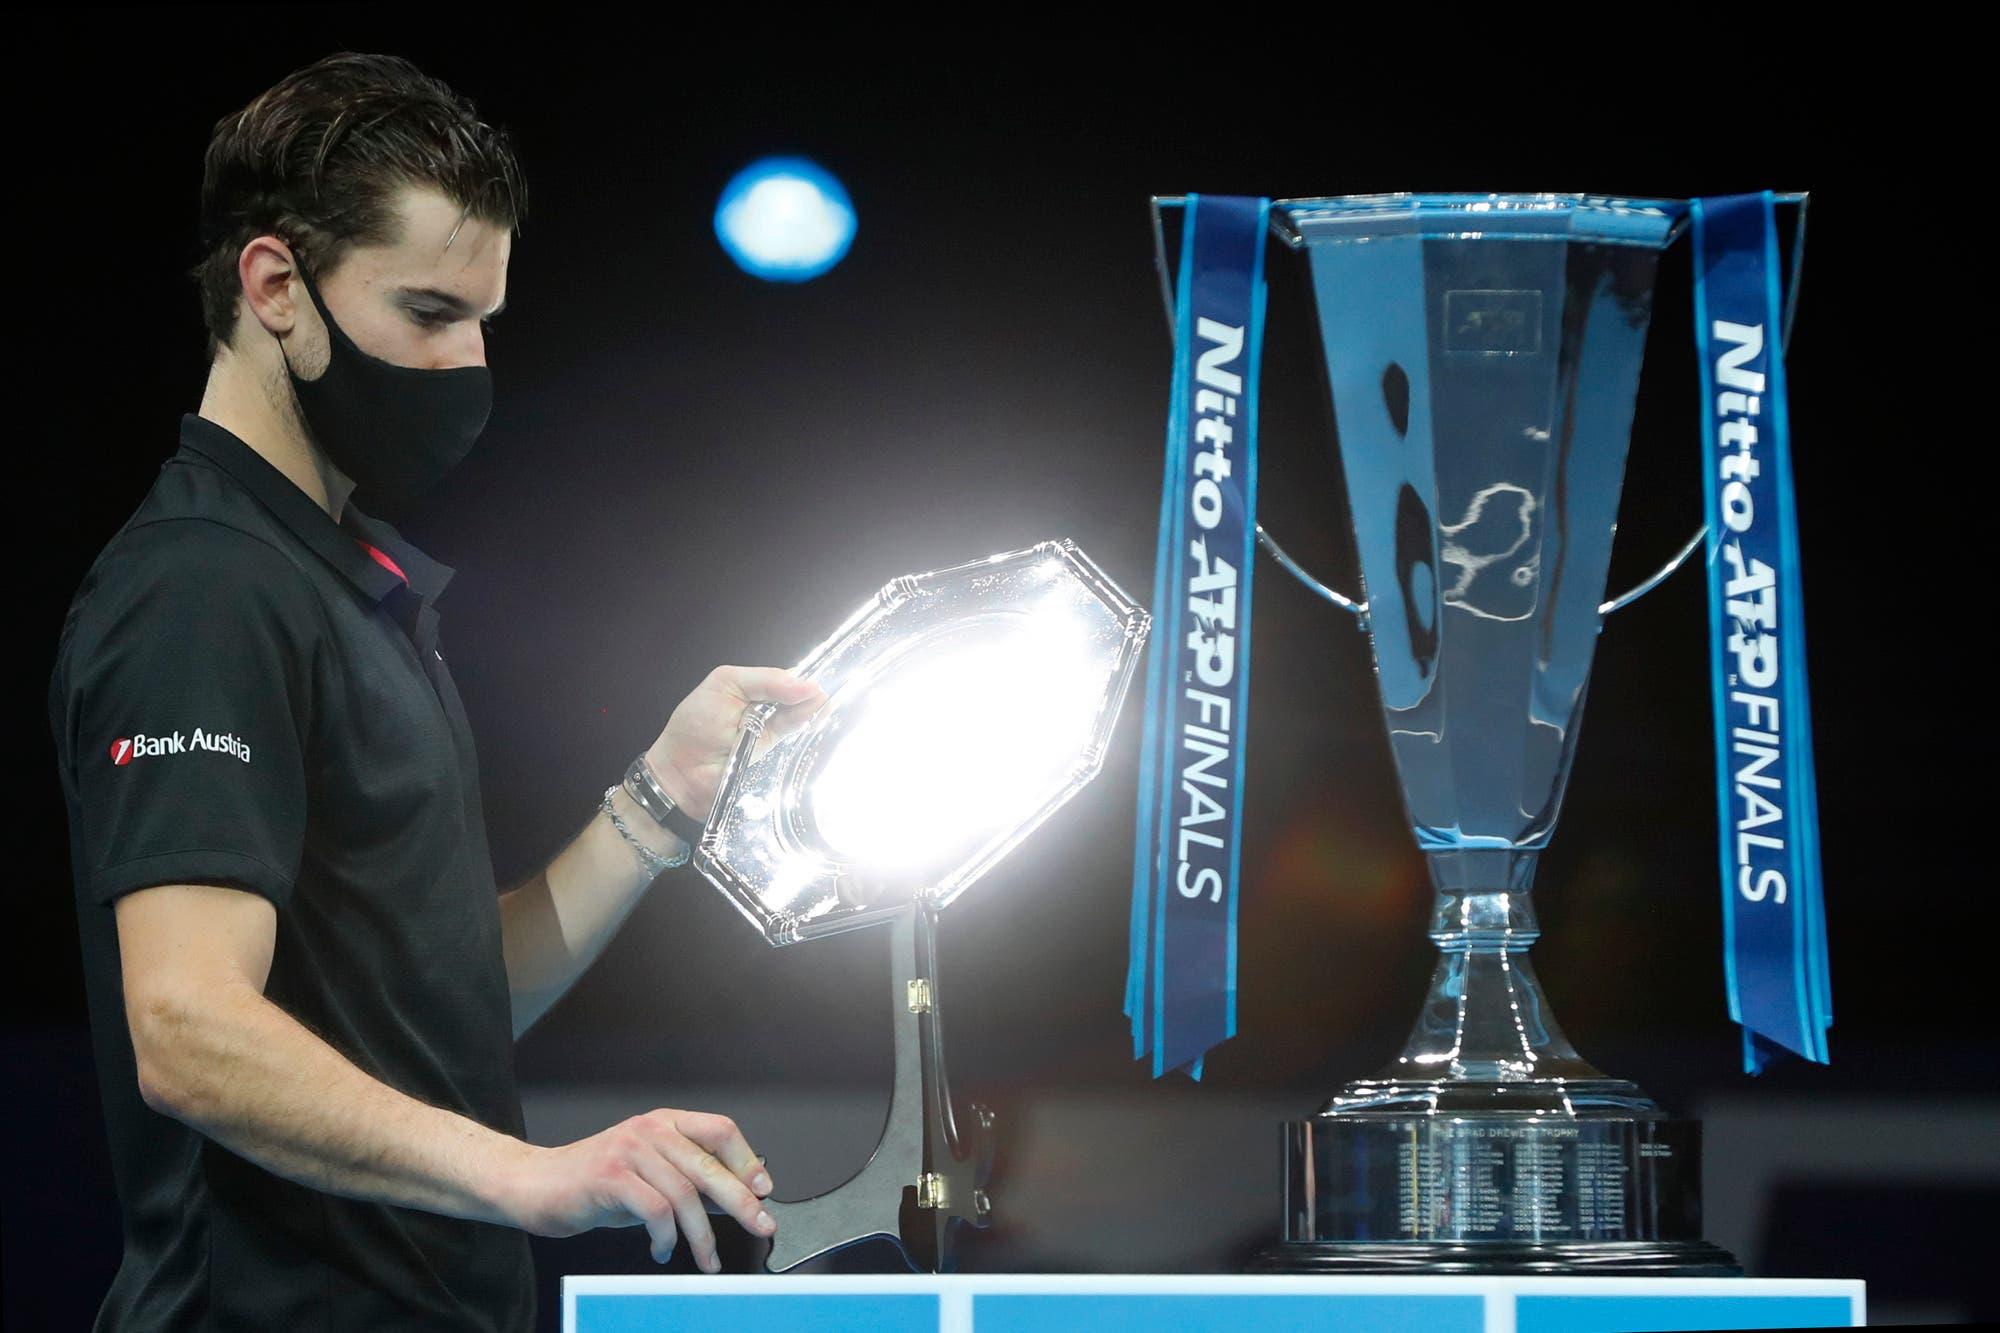 Daniil Medvedev venció a Dominic Thiem: se consagró campeón del Masters de Londres en un gran final de temporada